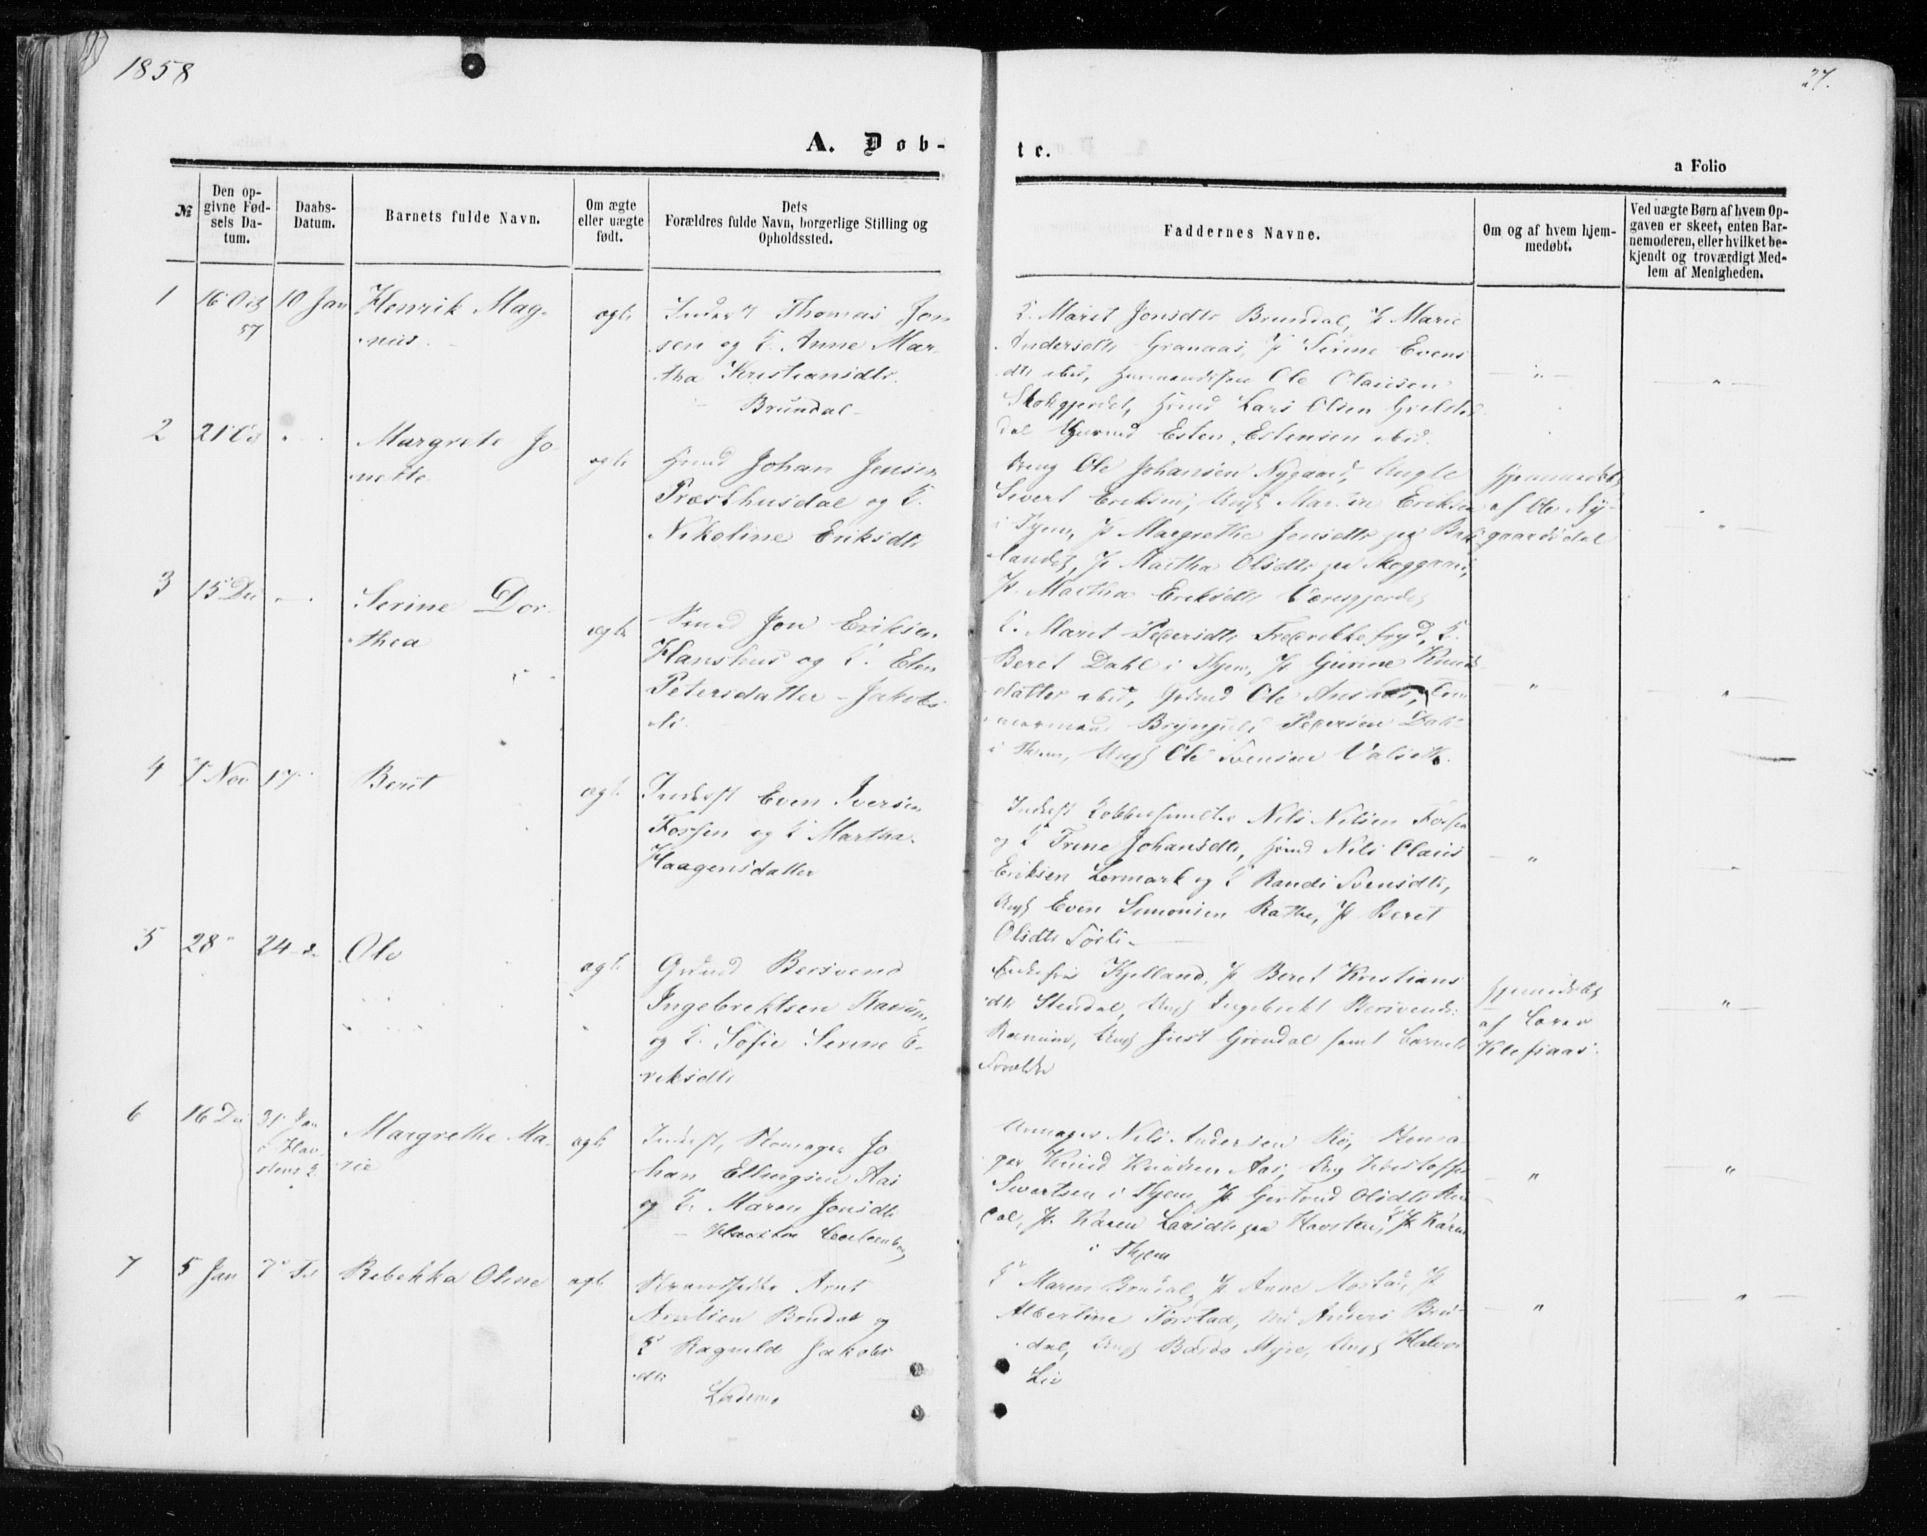 SAT, Ministerialprotokoller, klokkerbøker og fødselsregistre - Sør-Trøndelag, 606/L0292: Ministerialbok nr. 606A07, 1856-1865, s. 27